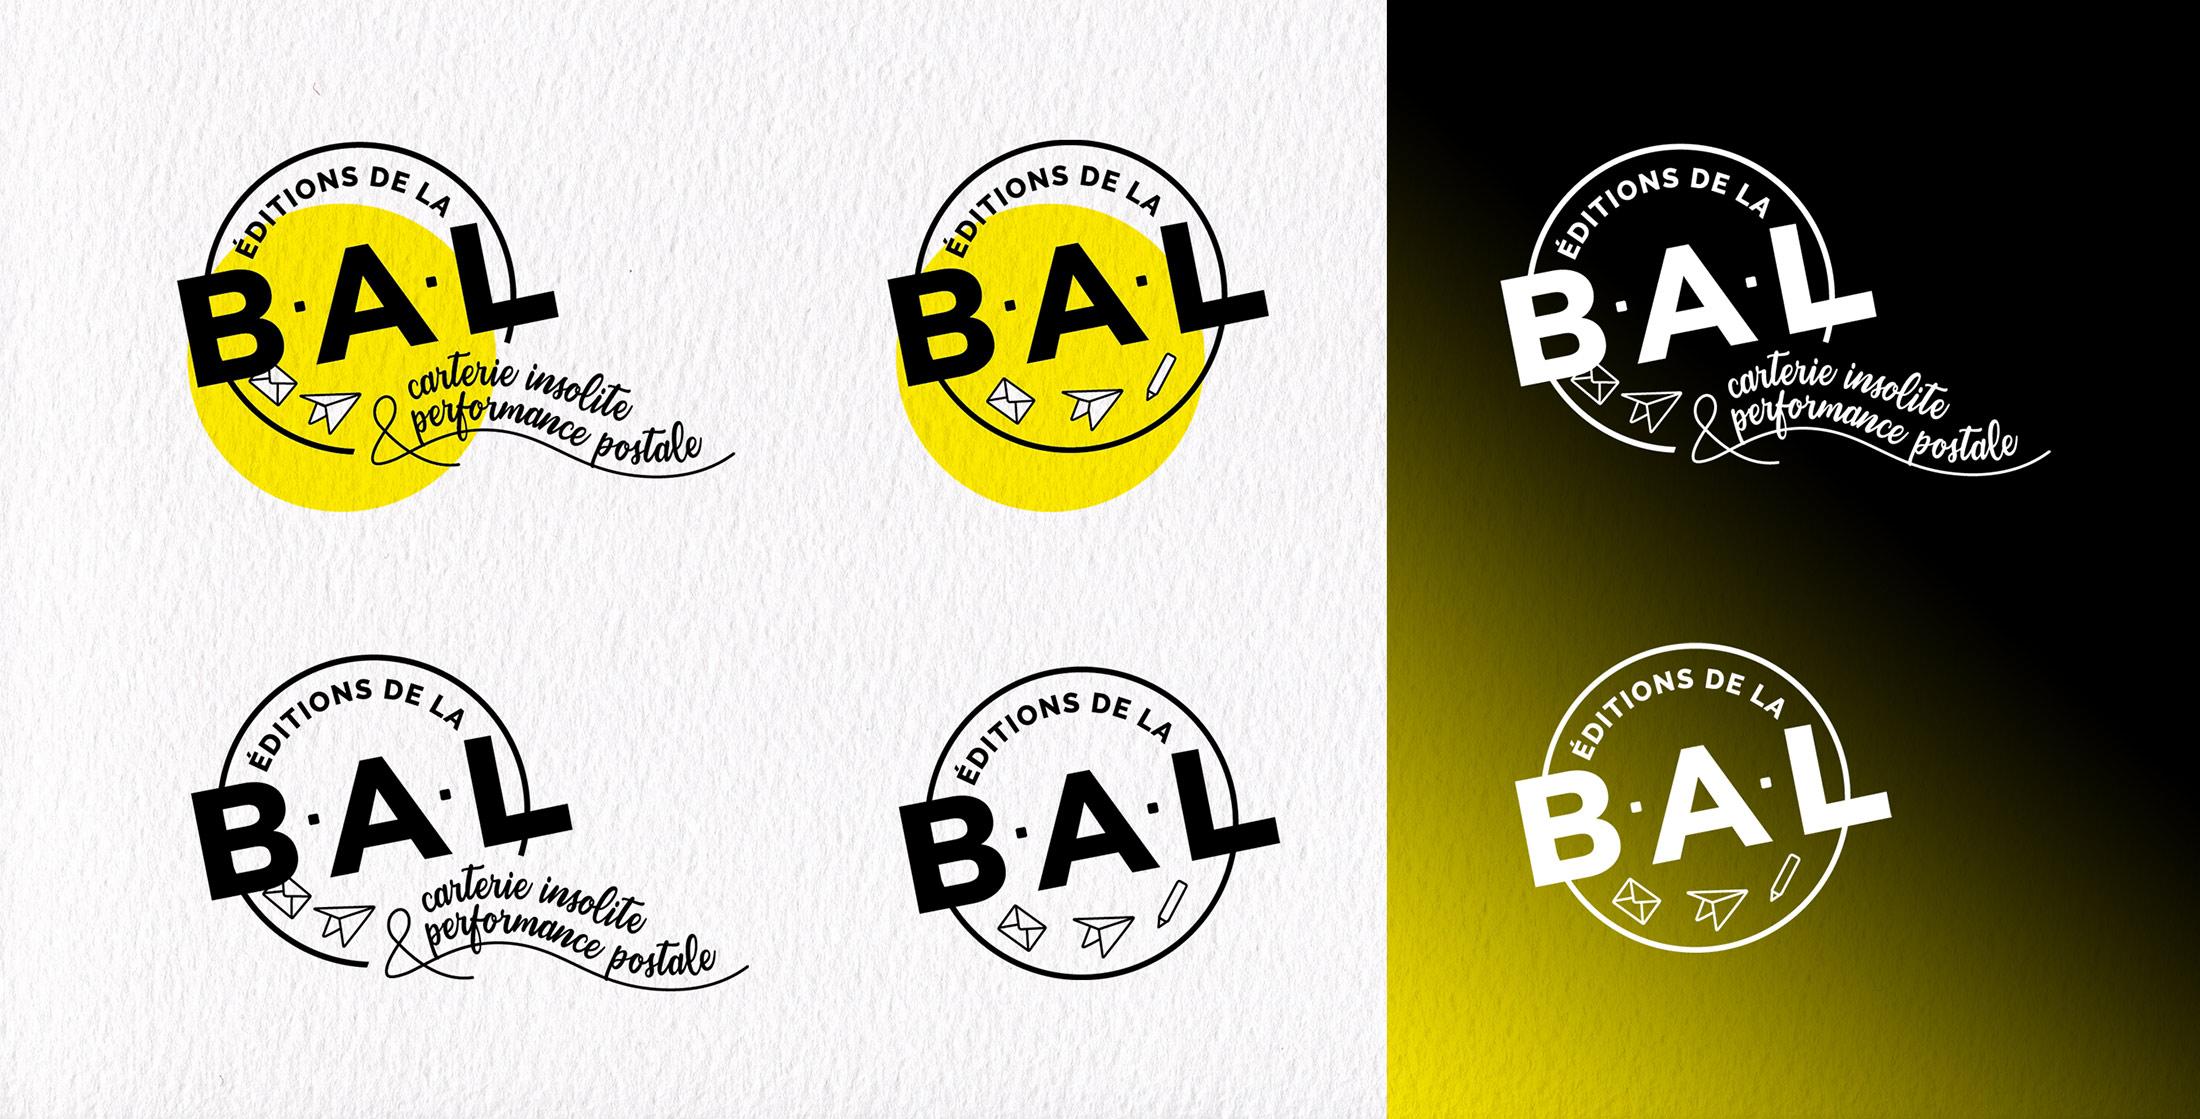 Présentation des différentes déclinaisons du logotype des éditions de la BAL